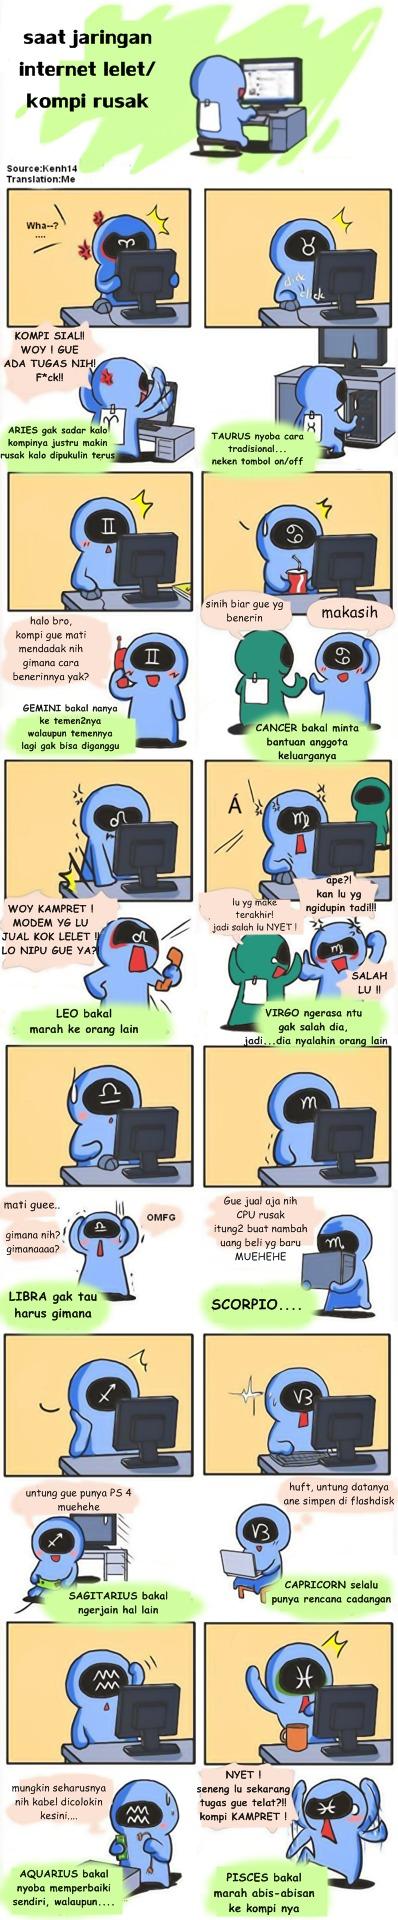 internet lelet, komputer rusak